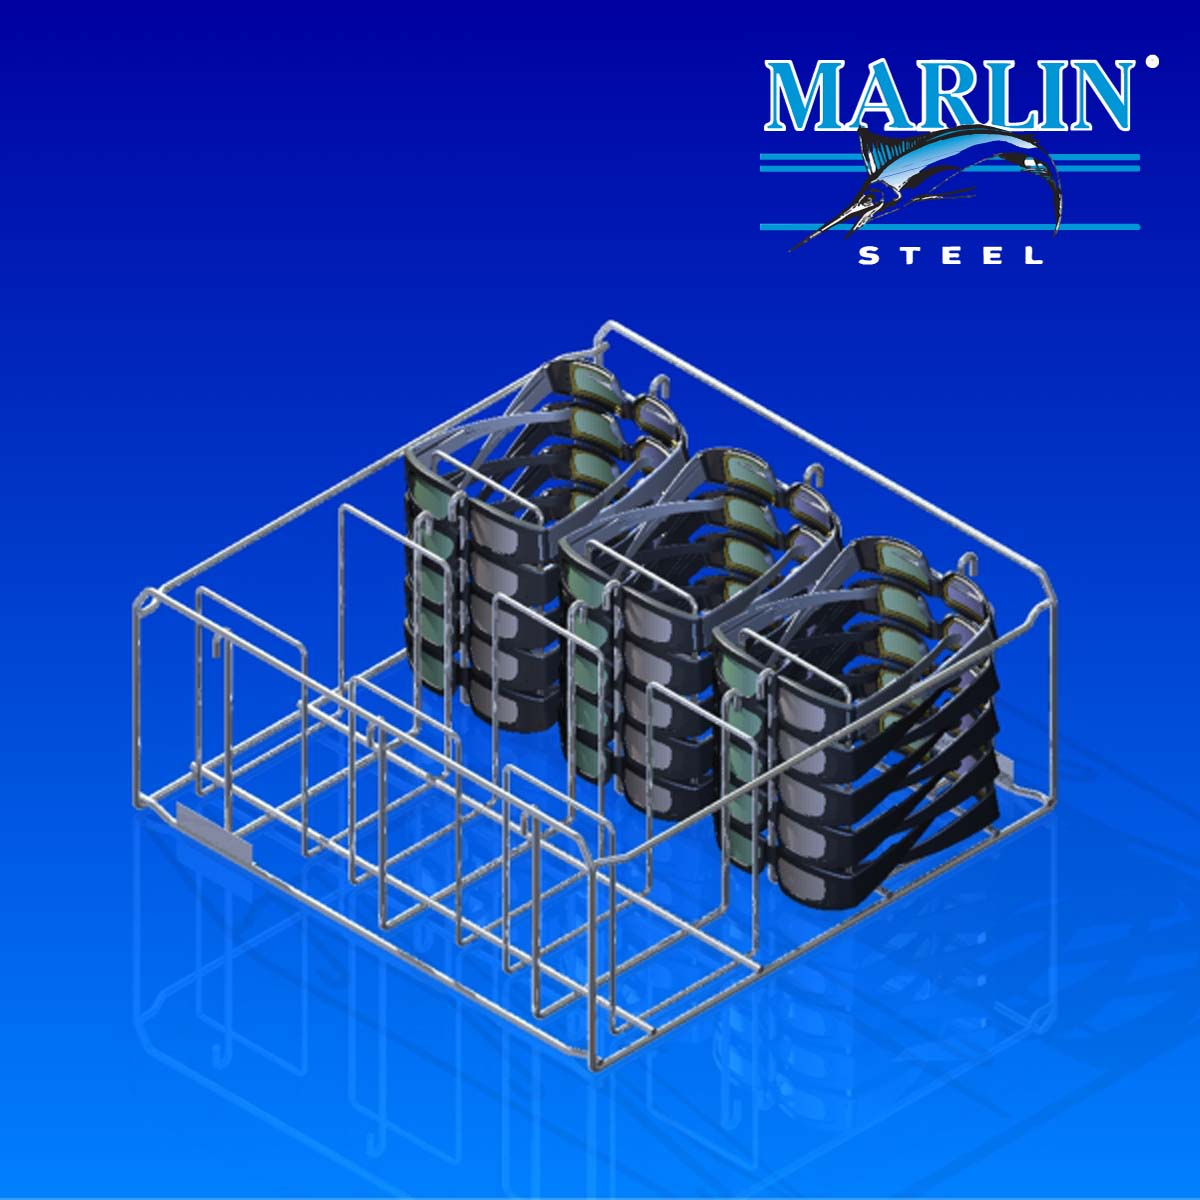 Marlin Steel Wire Basket 780004.jpg